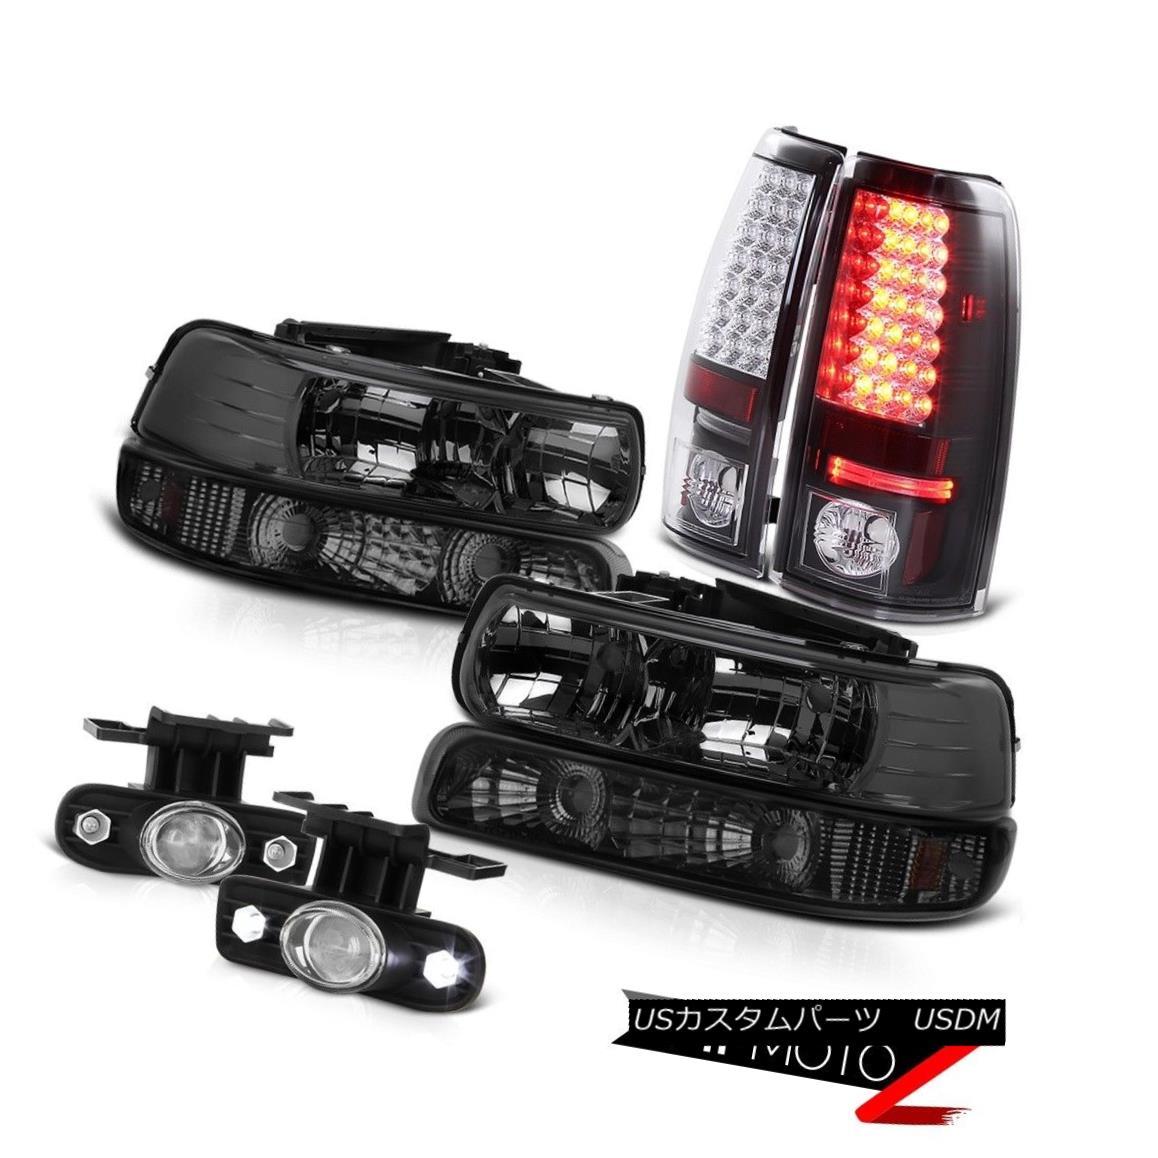 ヘッドライト 99-02 Silverado Dark Smoke Headlight Parking Lamp Tail Light Projector Foglight 99-02 Silveradoダークスモークヘッドライトパーキングランプテールライトプロジェクターフォグライト